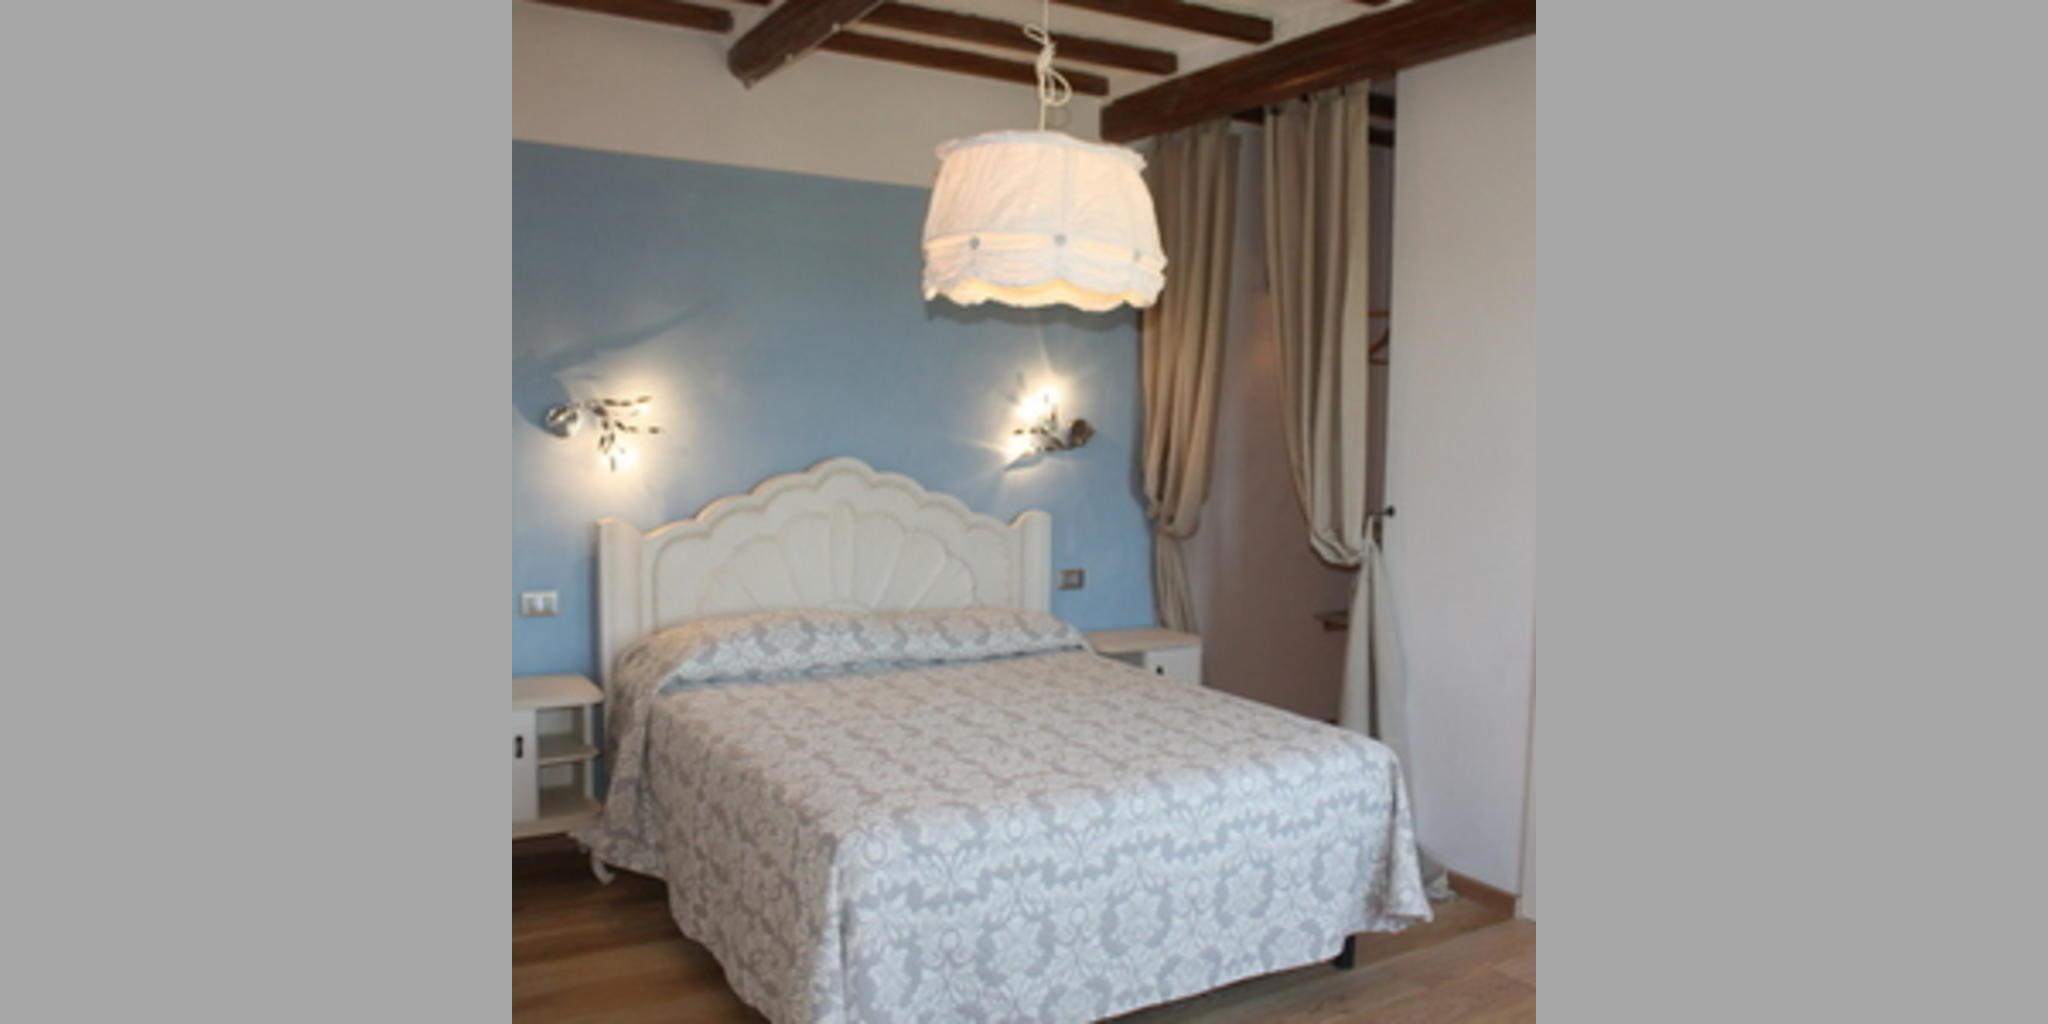 Casa Rural Terranuova Bracciolini - Traiana